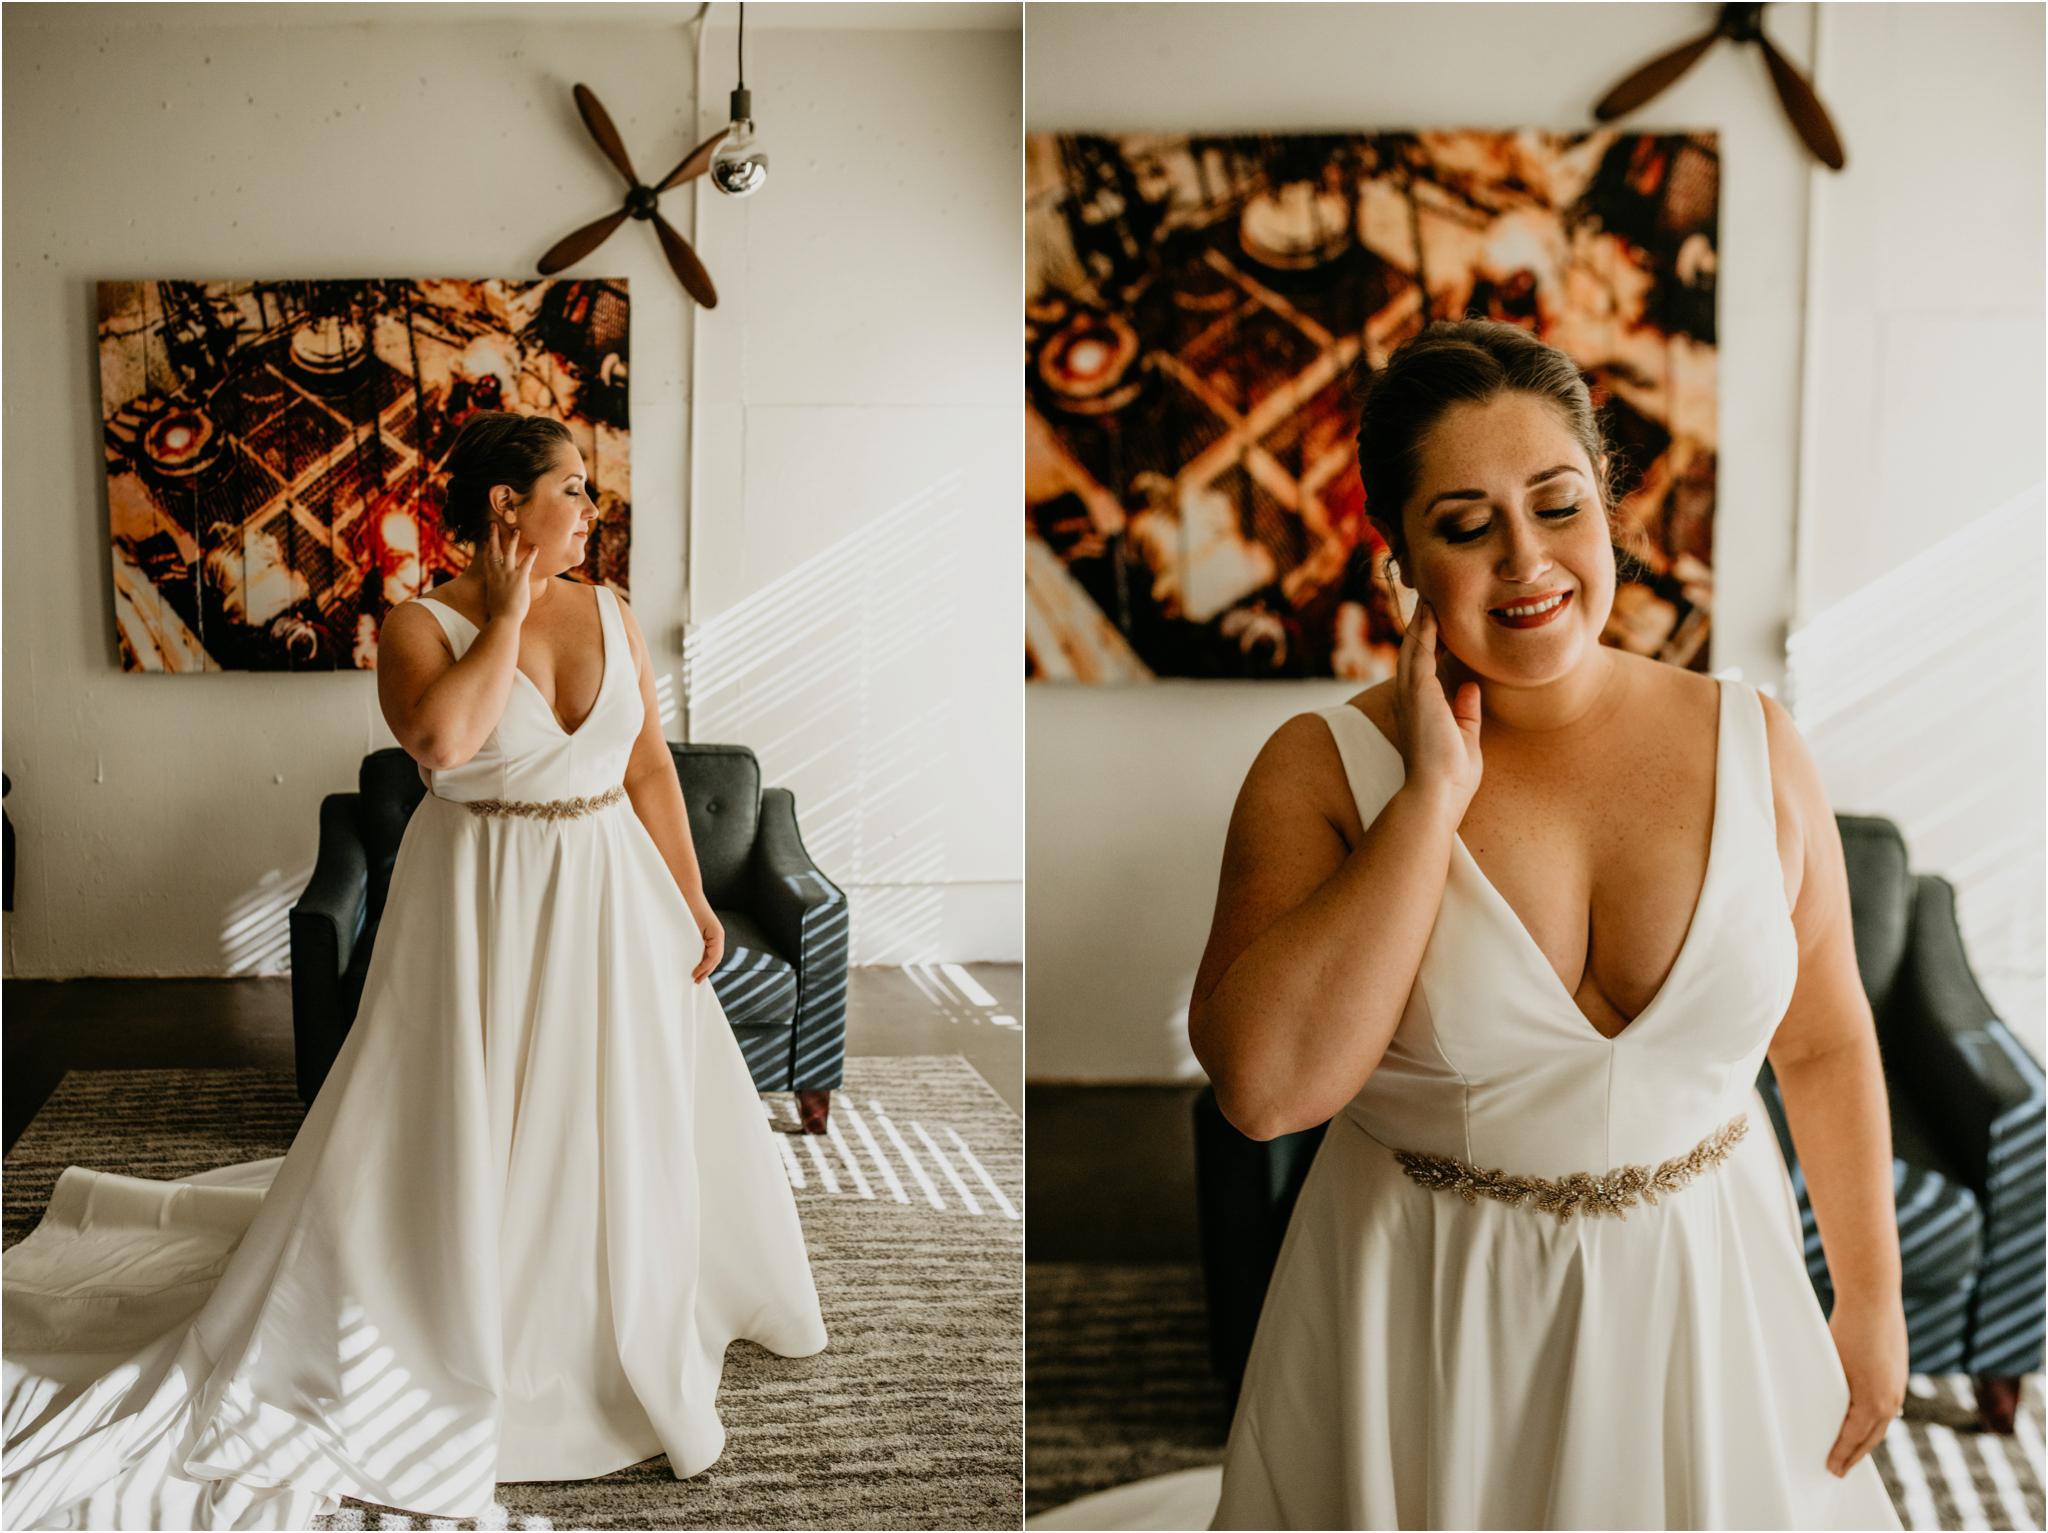 ashley-and-david-fremont-foundry-seattle-washington-wedding-photographer-012.jpg